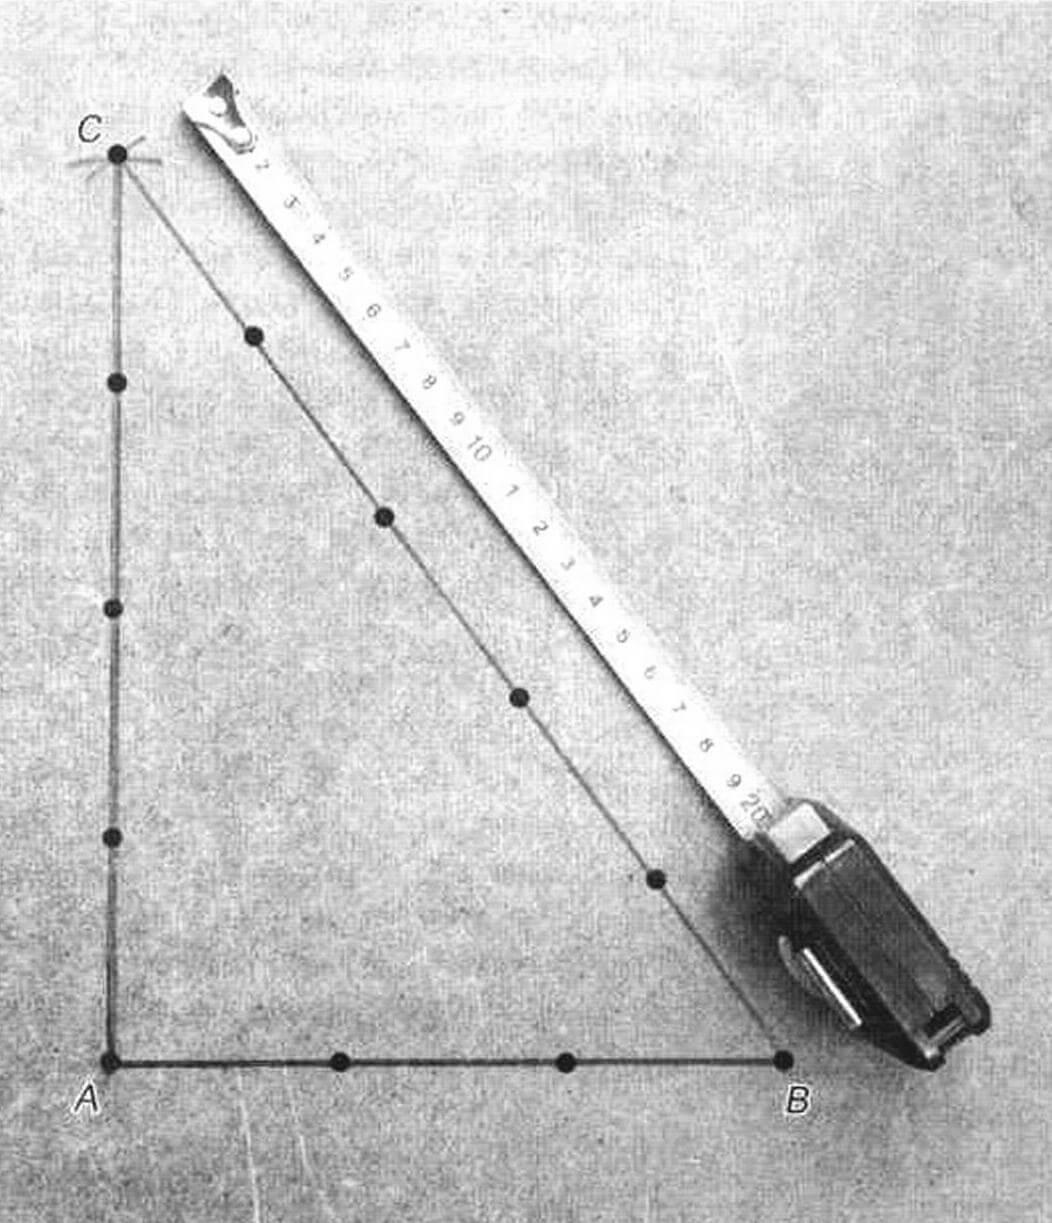 Разметка прямого угла по методу «египетского треугольника»: задаем точку А, где должна быть вершина прямого угла; откладываем базовый катет АВ; делаем засечку - дуга с радиусом АС; проводим гипотенузу ВС, определяя точное положение точки С